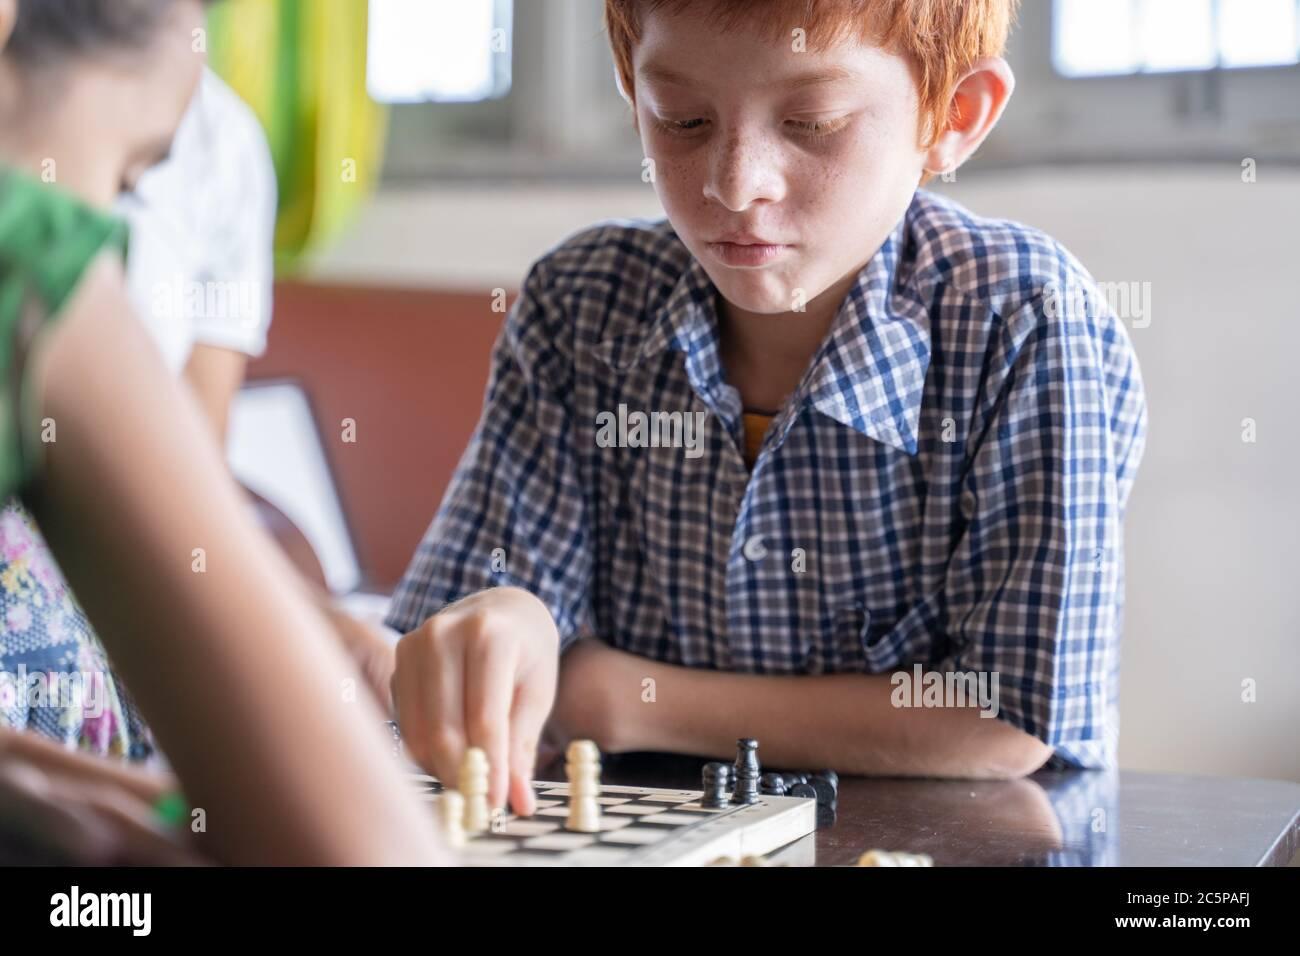 Joueur d'échecs sérieux de pensée et de mouvement de pièce à la maison - concept de la concentration de jeu d'enfant pendant le développement précoce, à la maison jeux éducatifs pour Banque D'Images